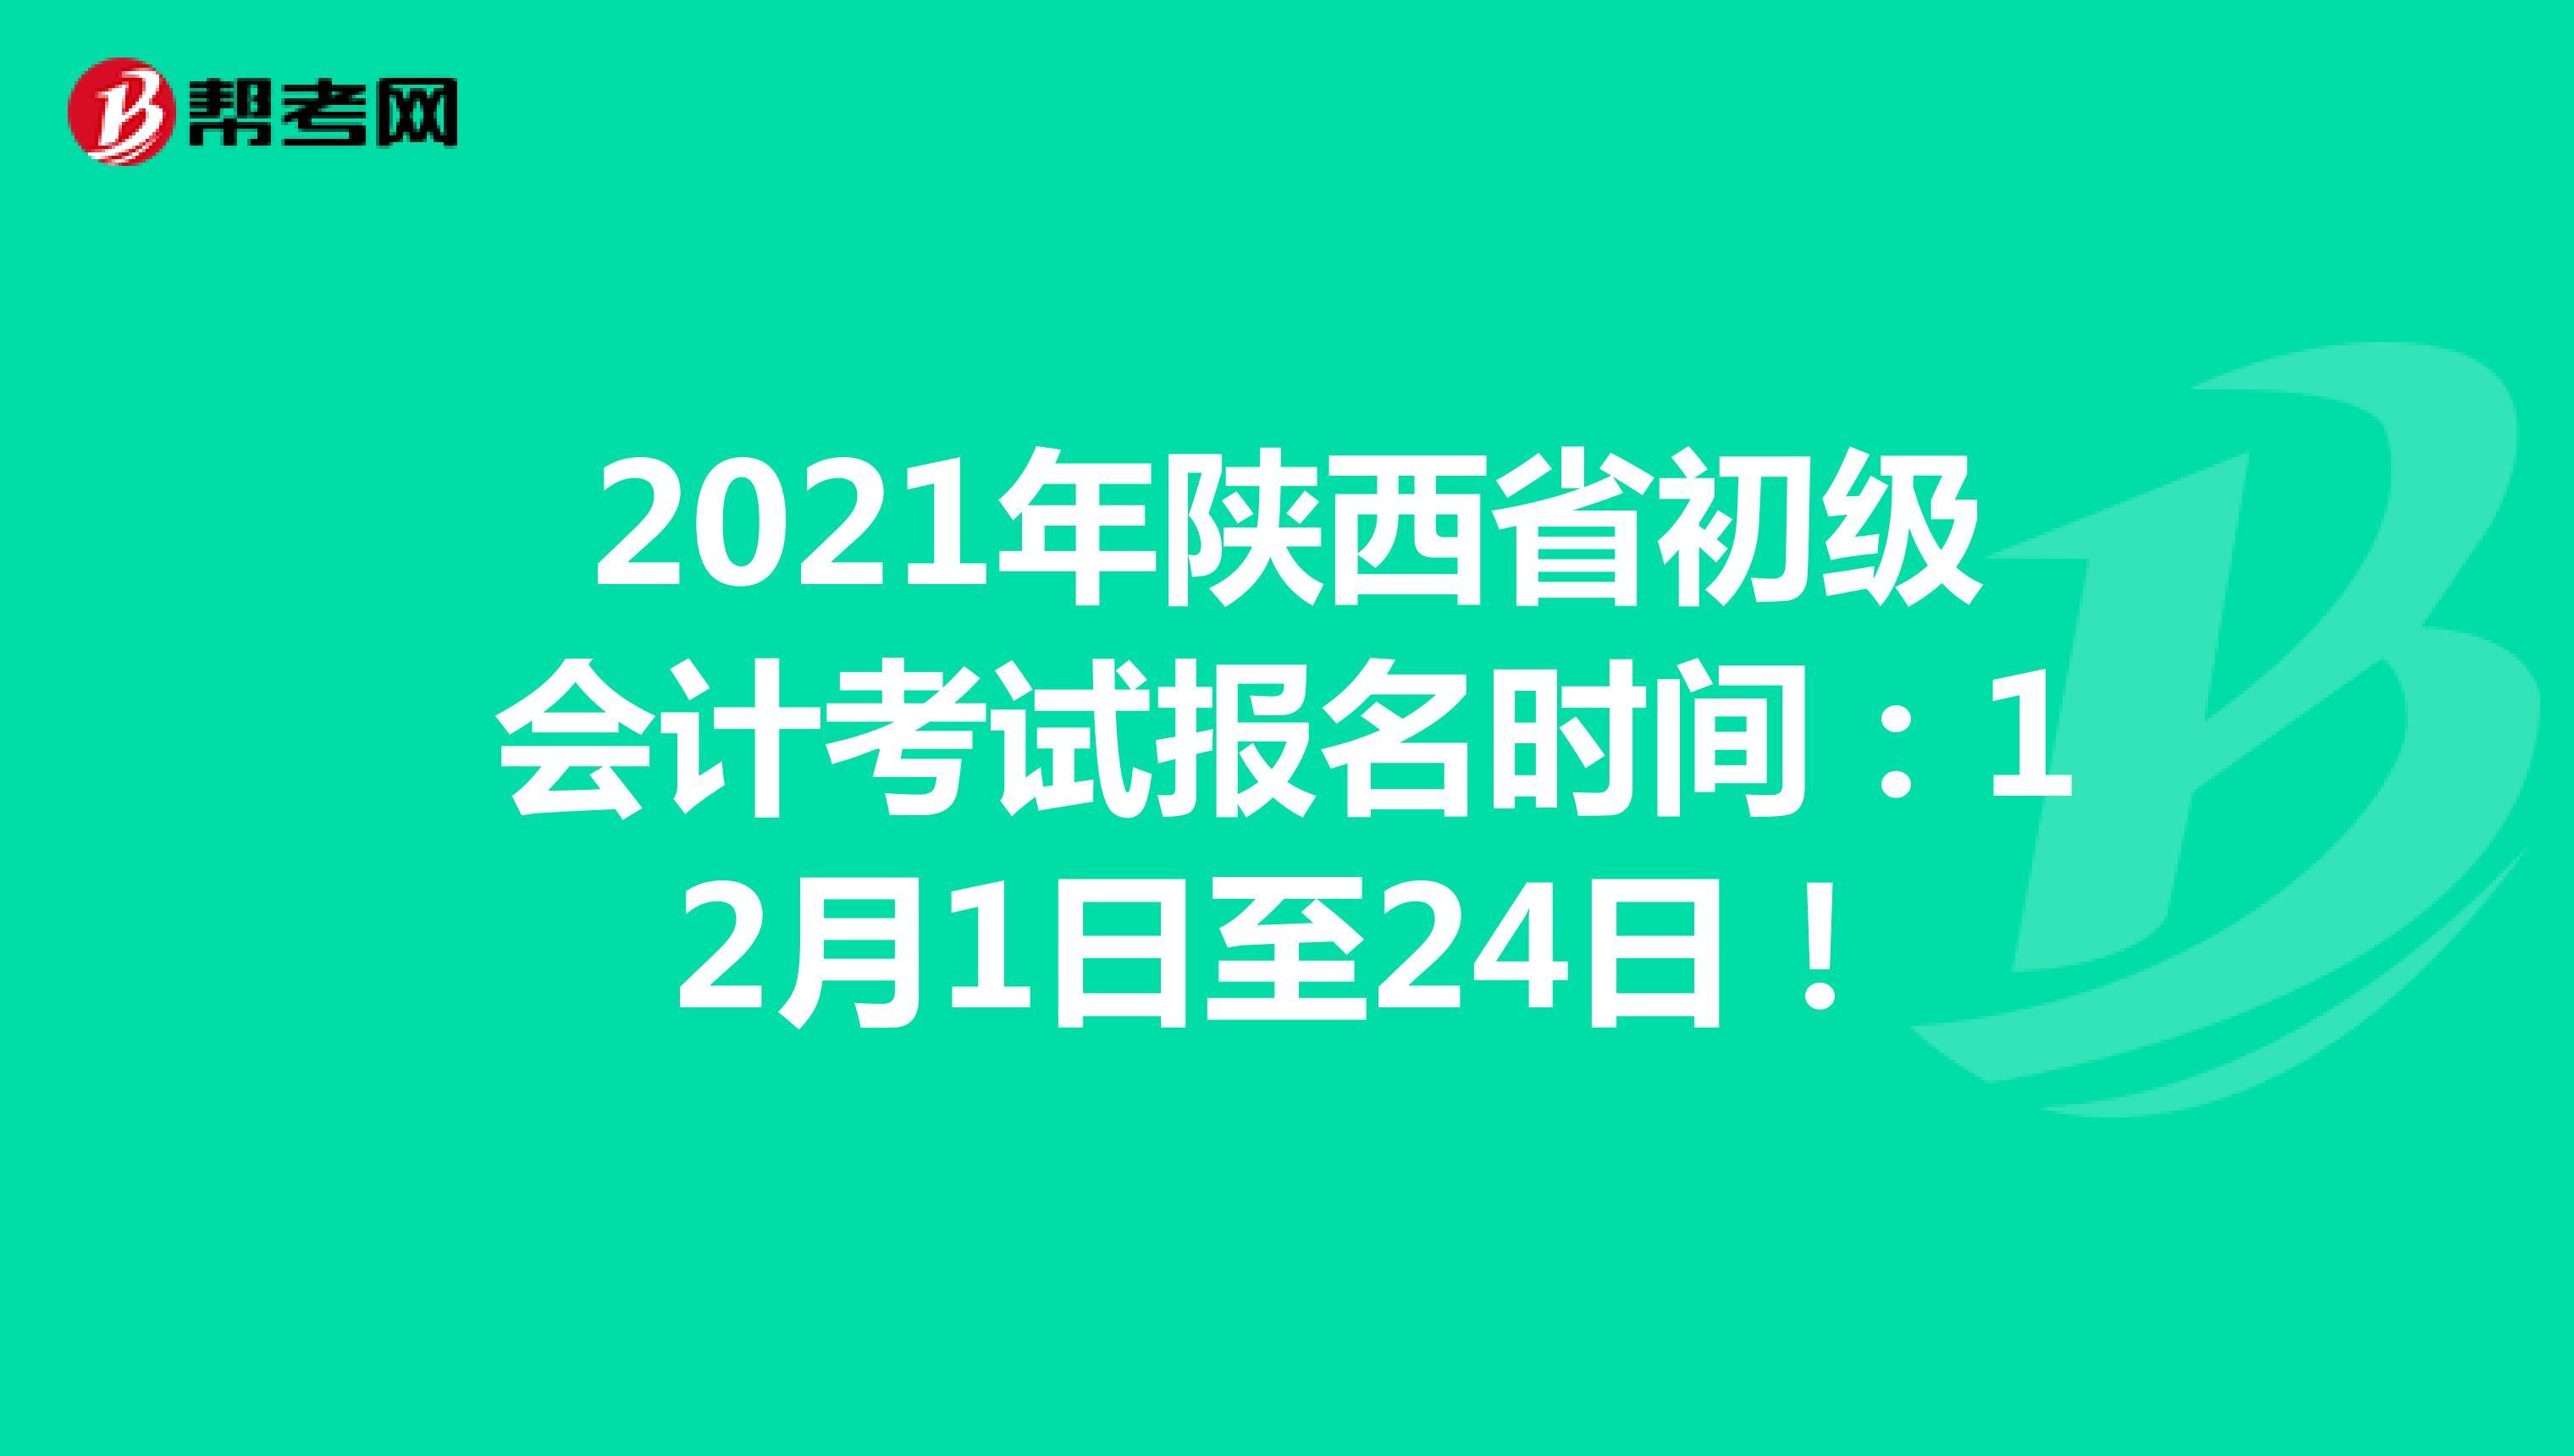 2021年陜西省初級會計考試報名時間:12月1日至24日!